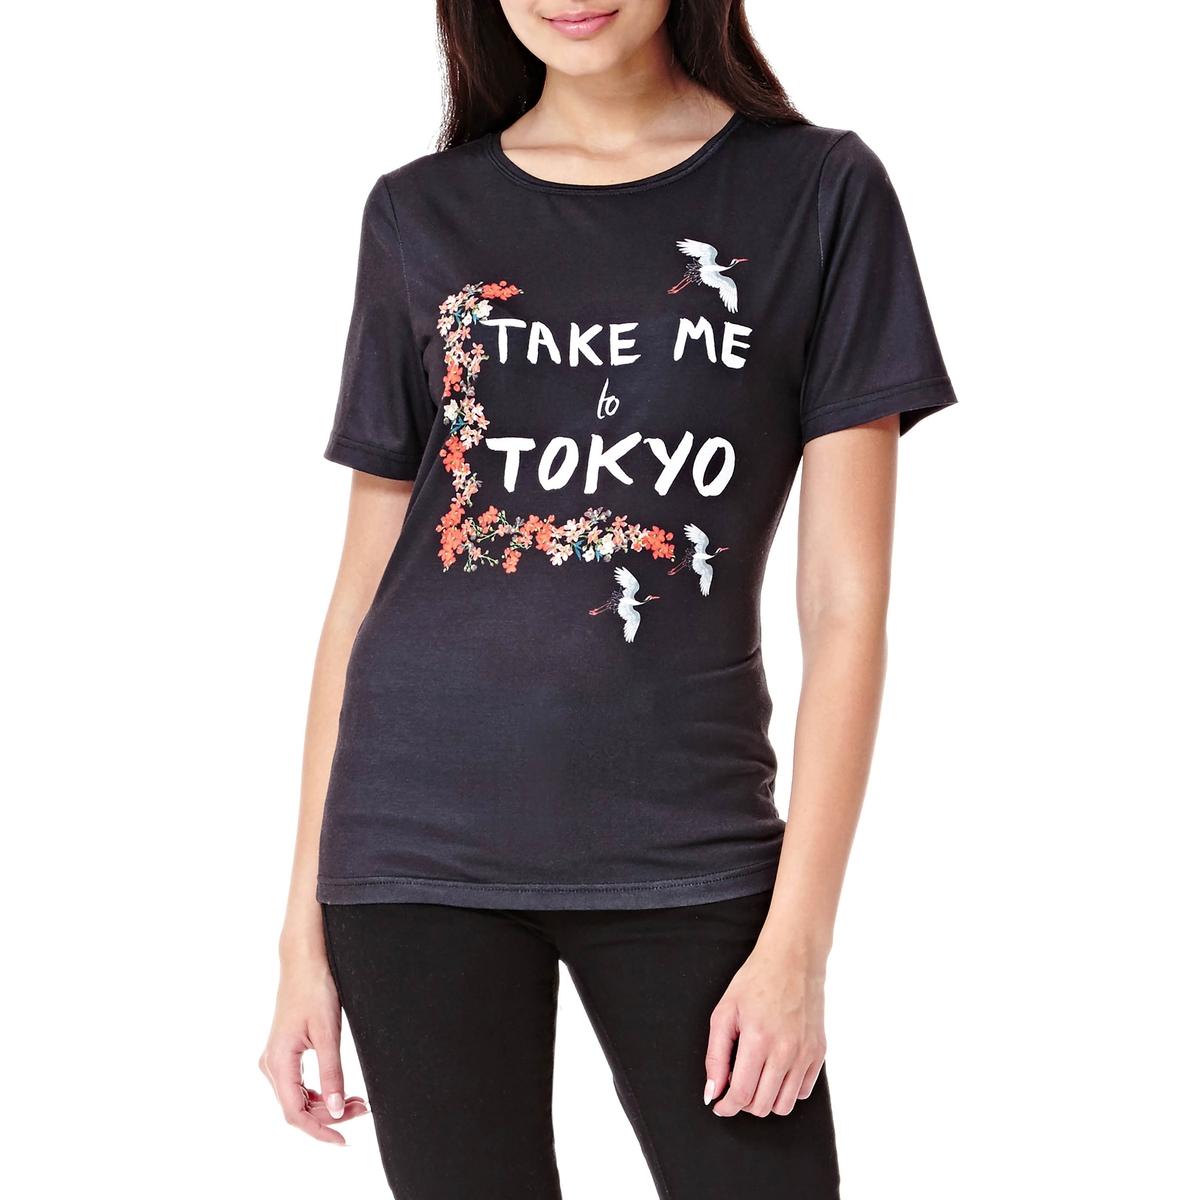 Футболка с рисункомФутболка с короткими рукавами YUMI. Футболка слегка приталенного покроя с круглым вырезом. С надписью «Take me to Tokyo». Состав и описание :Материал : 94% полиэстера, 6% эластанаМарка : YUMIУход- Стирать при 30°C с вещами схожих цветов- Стирать и гладить с изнанки<br><br>Цвет: черный